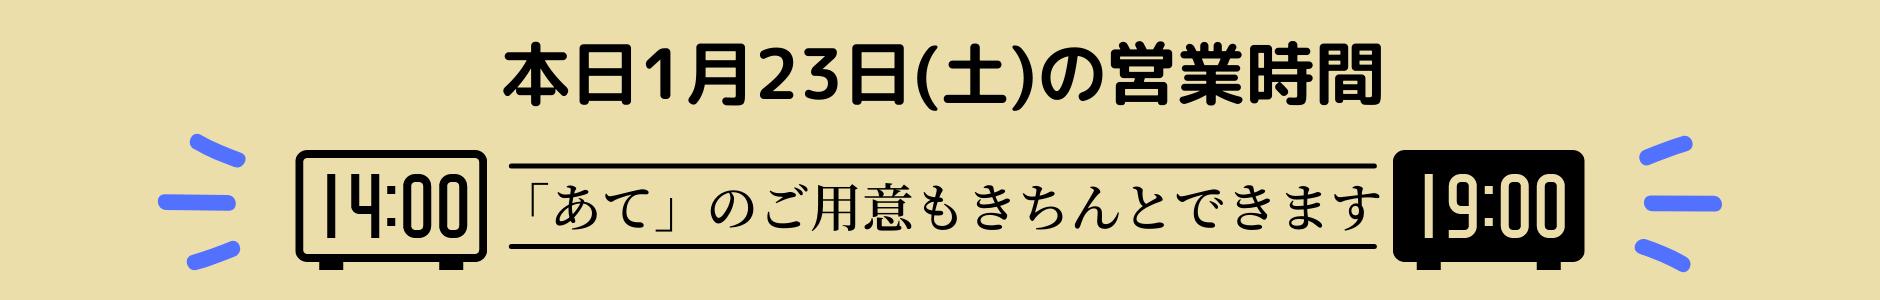 1月23日(土)の営業時間